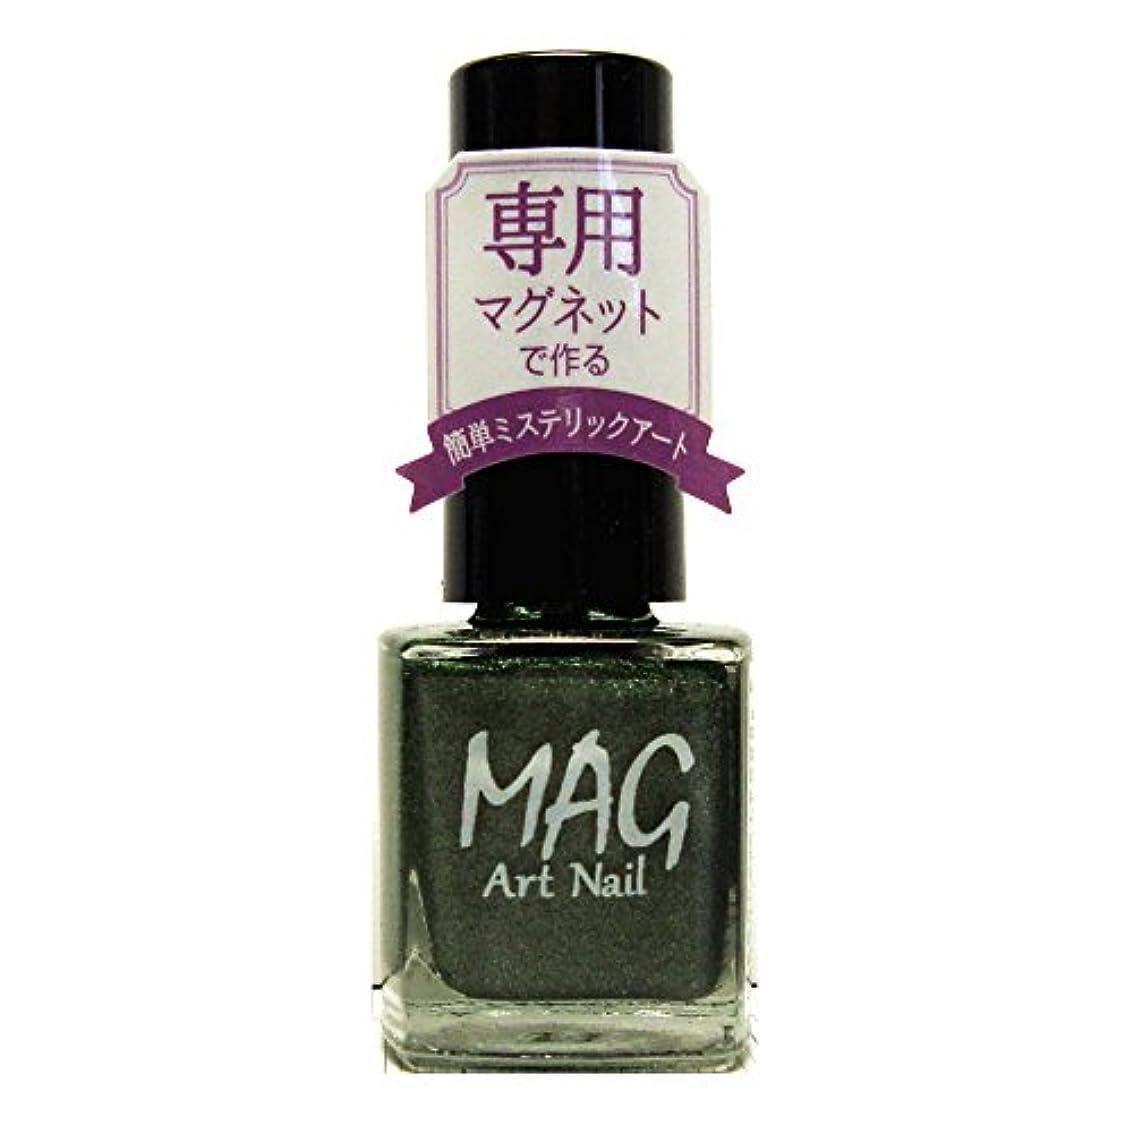 ボイコット迷惑満了TMマグアートネイル(爪化粧料) TMMA1602 フォレストグリーン